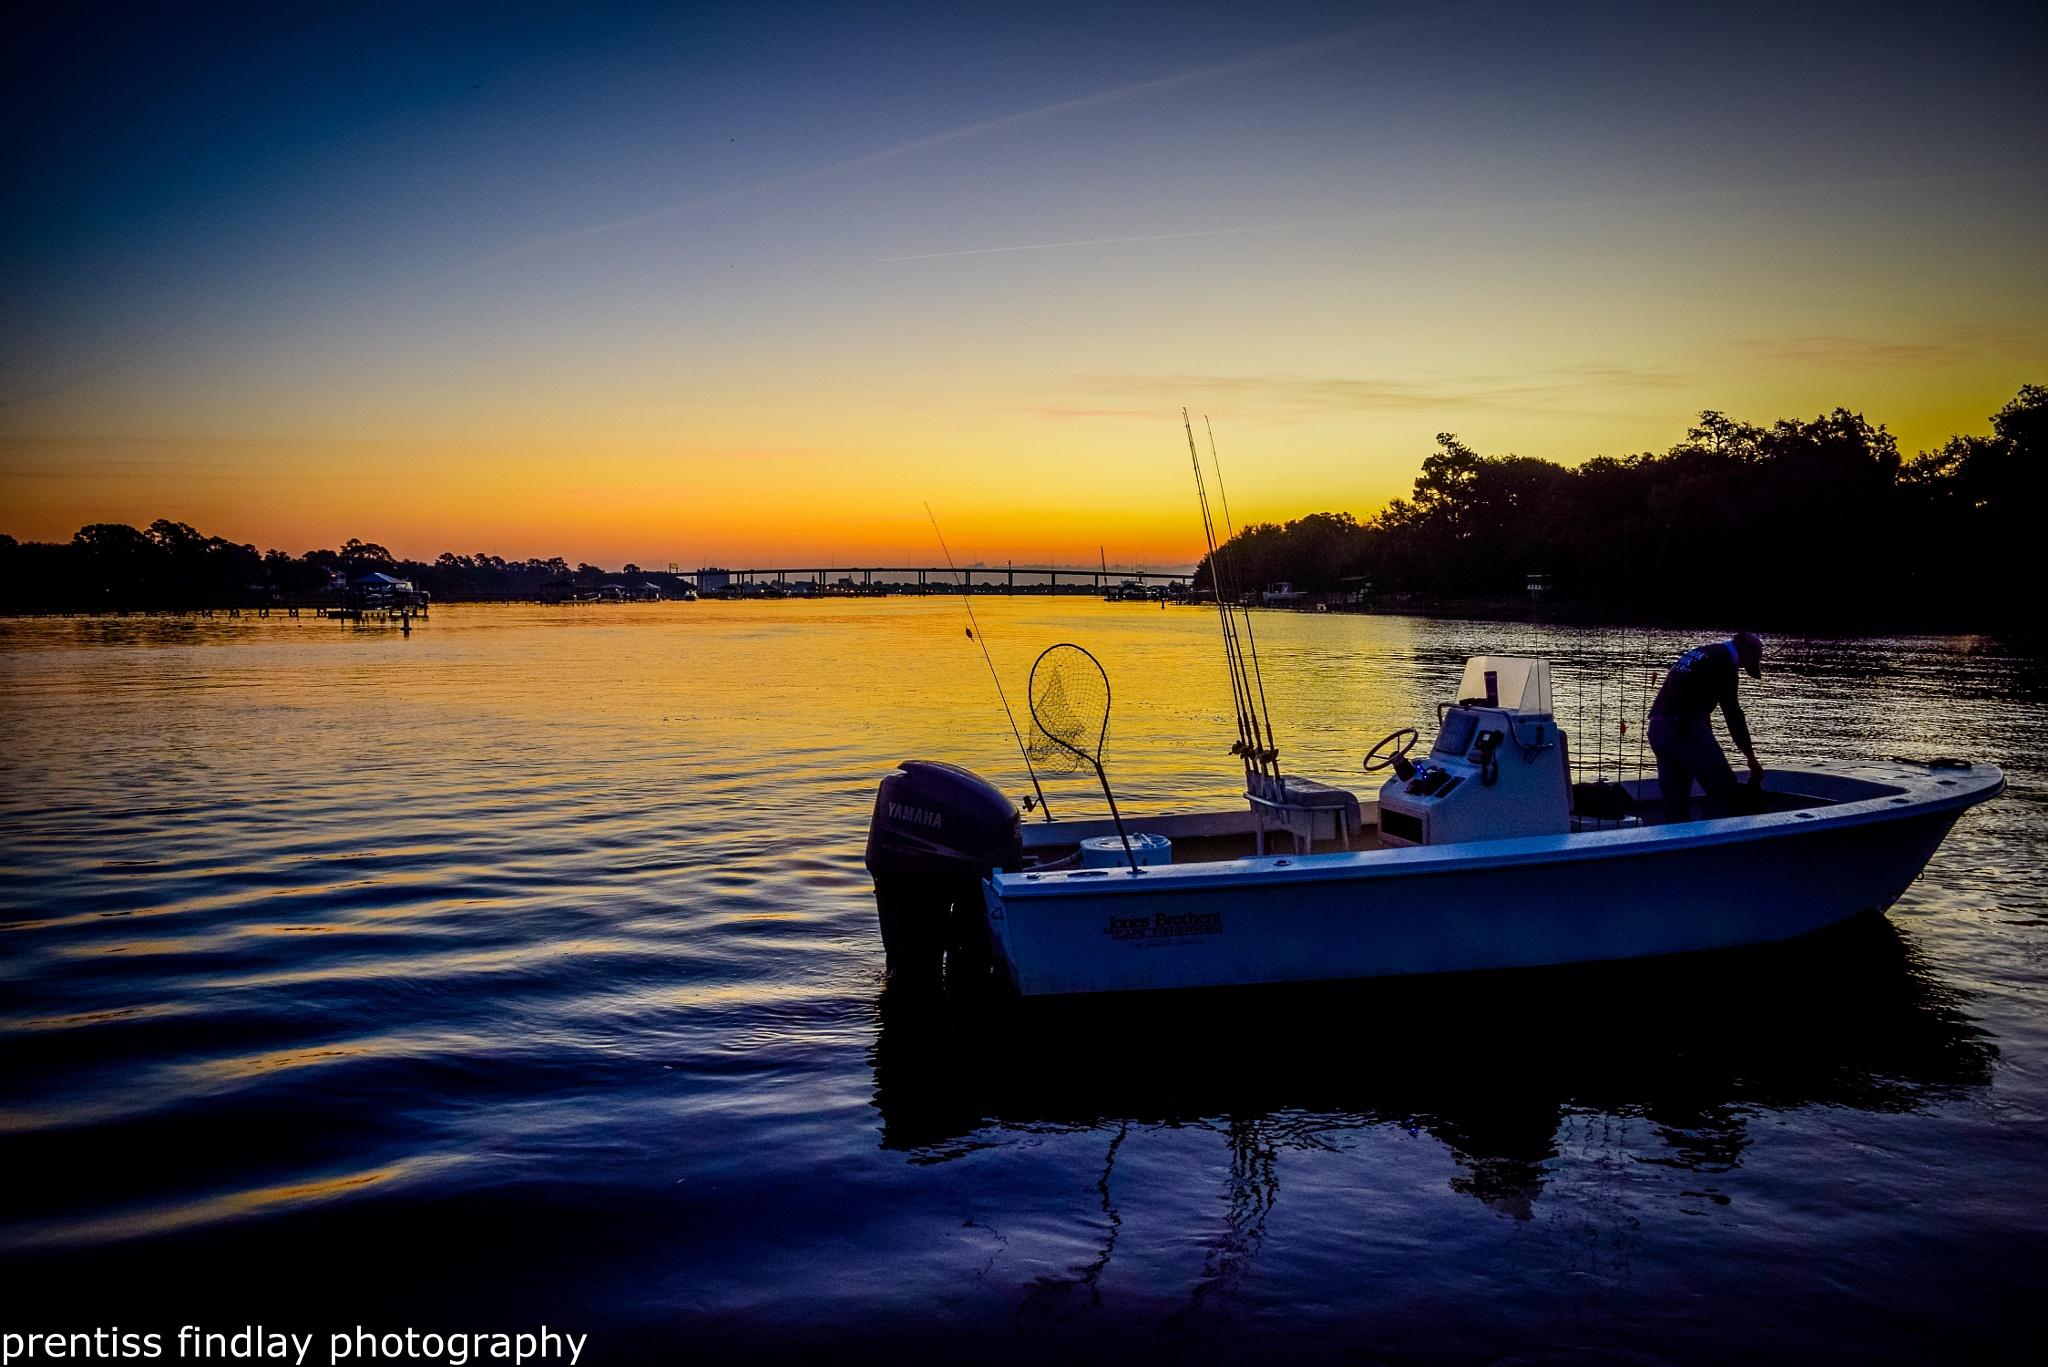 Dawn by PrentissFindlay